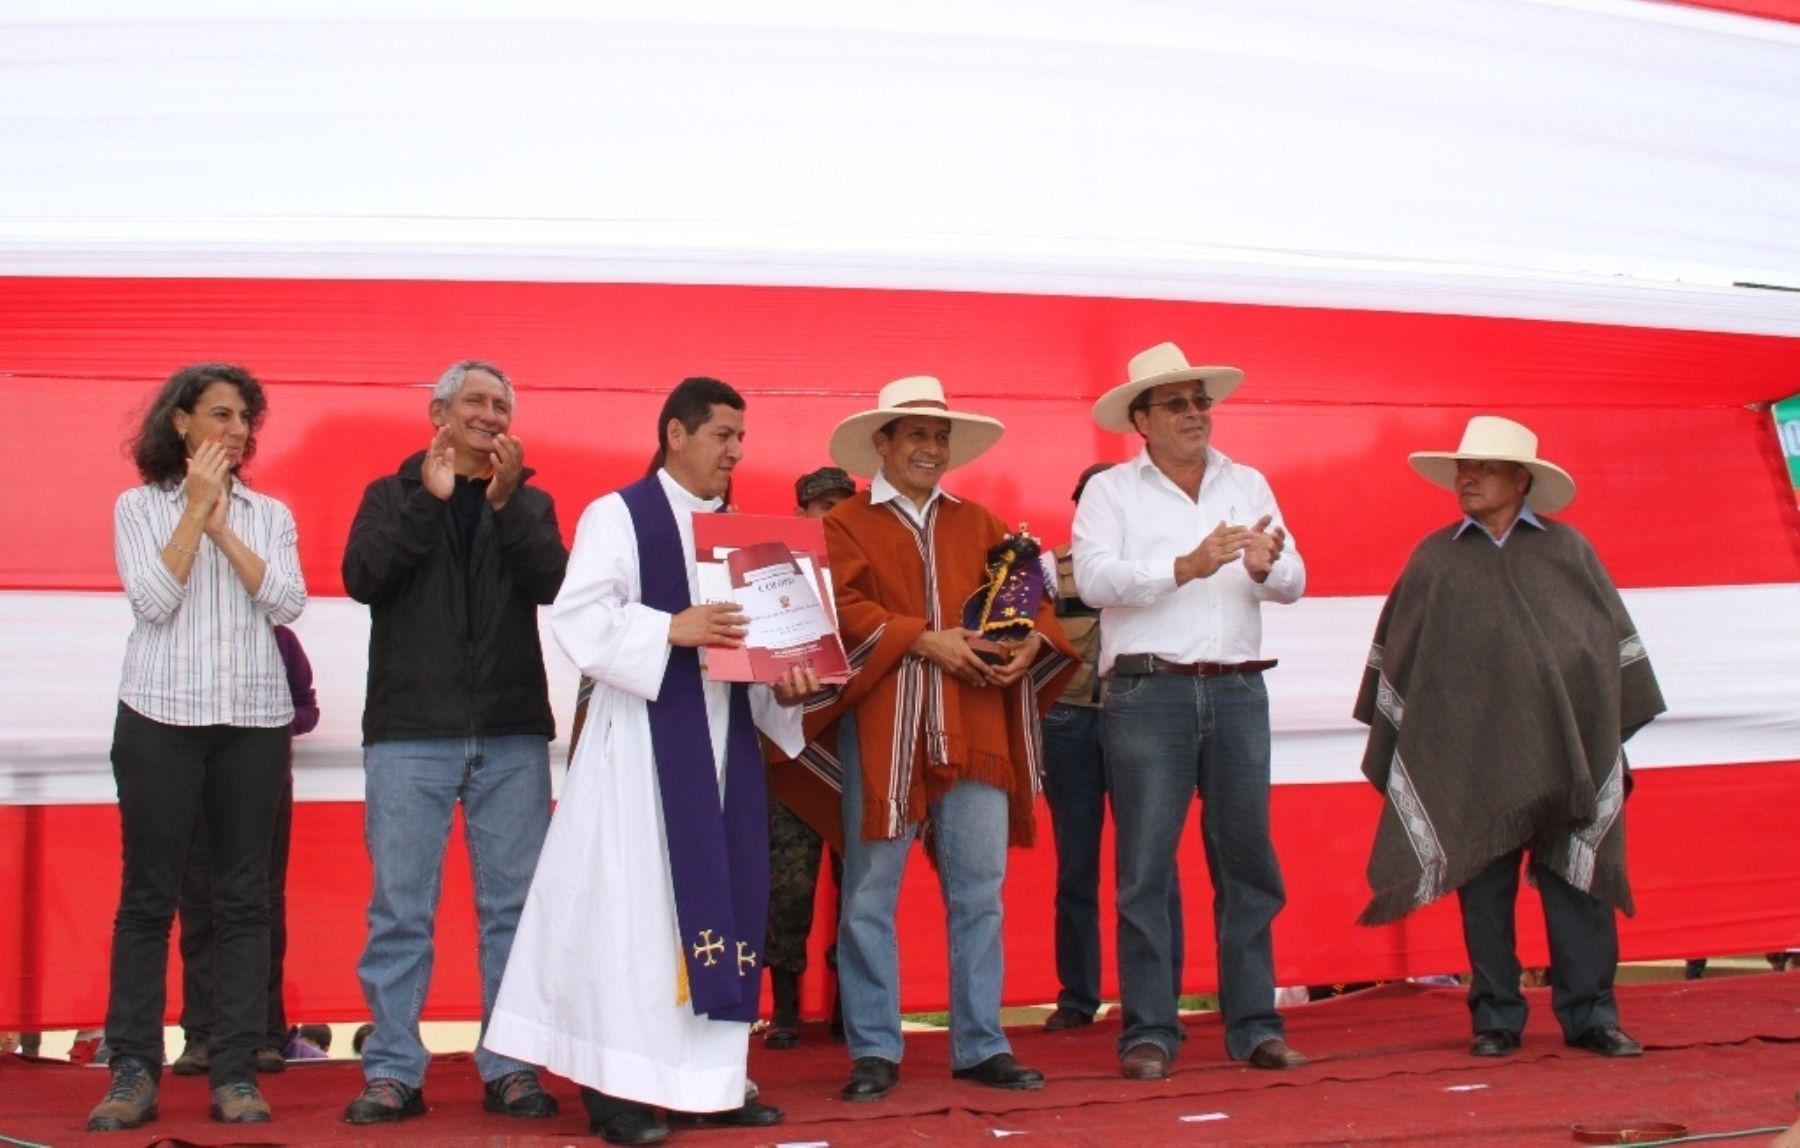 El párroco del santuario del Señor Cautivo de Ayabaca, Wilmer Niño Merino, entregó una réplica de la imagen del santo patrón al presidente Ollanta Humala.